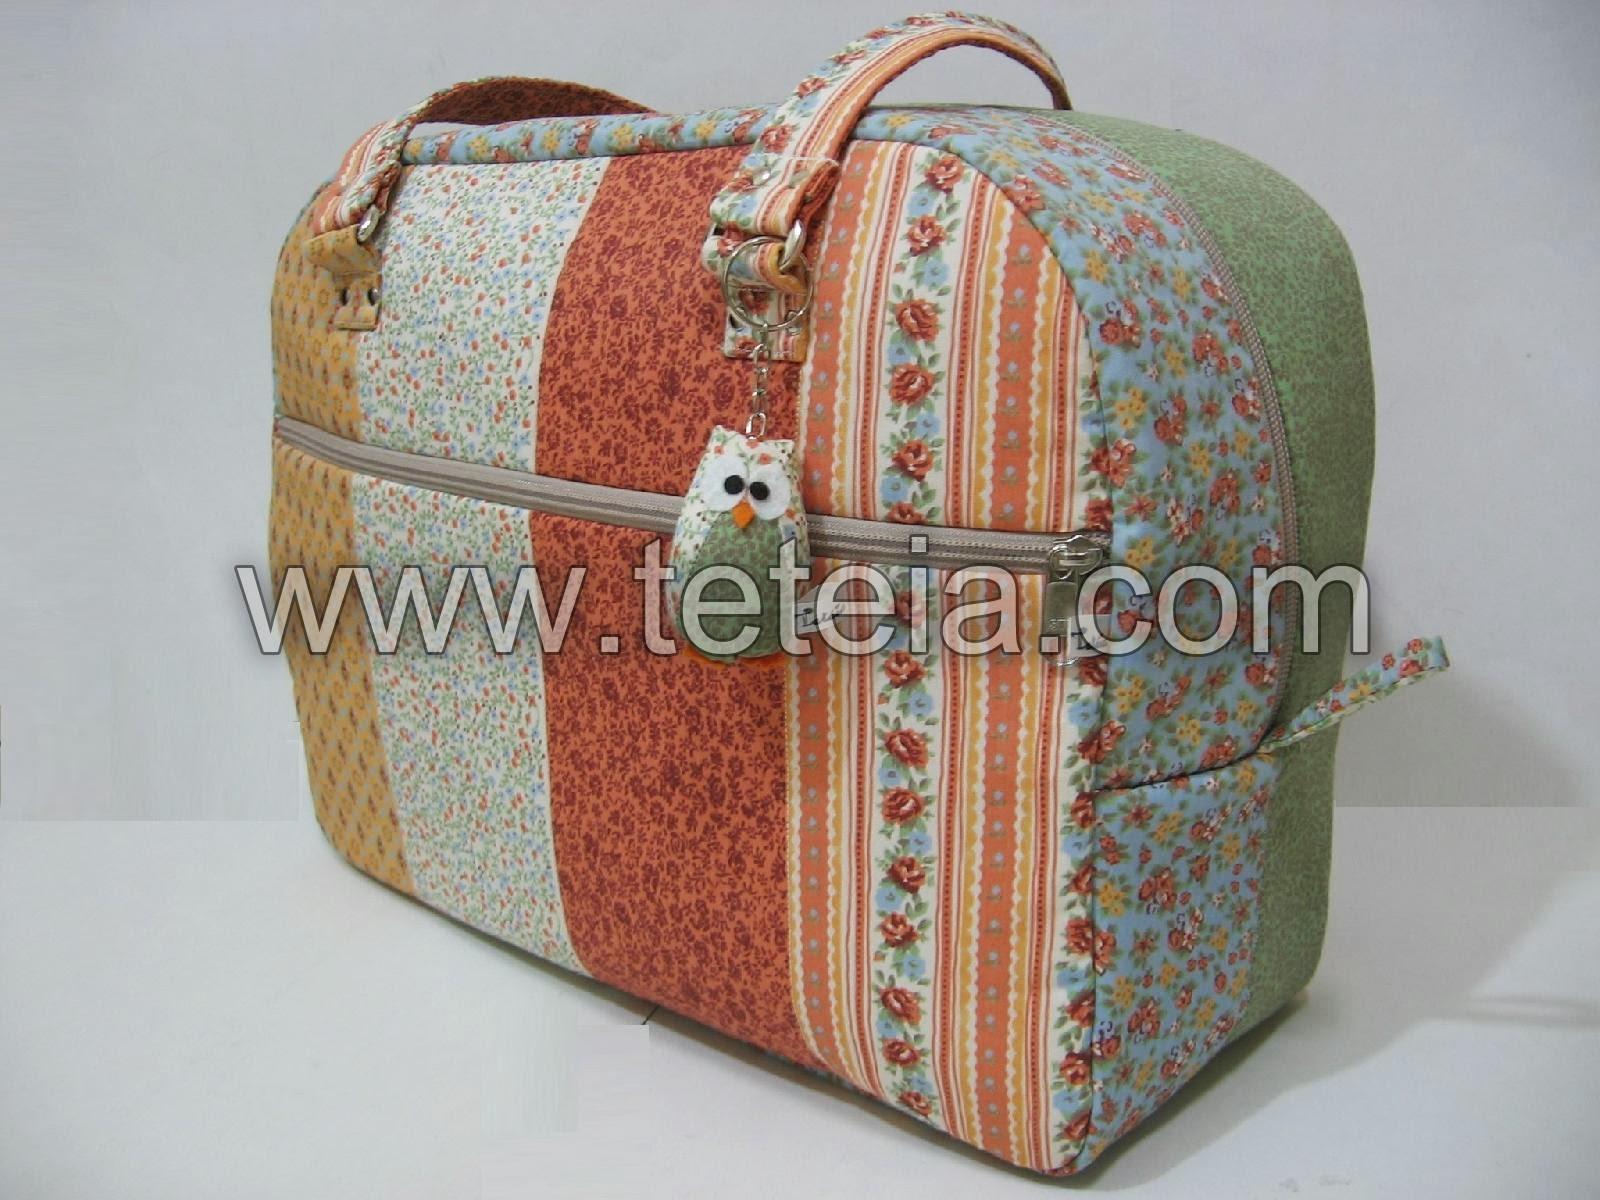 Bolsa De Viagem Em Tecido Passo A Passo : Tet?ia patchwork maleta de viagem faixas verde